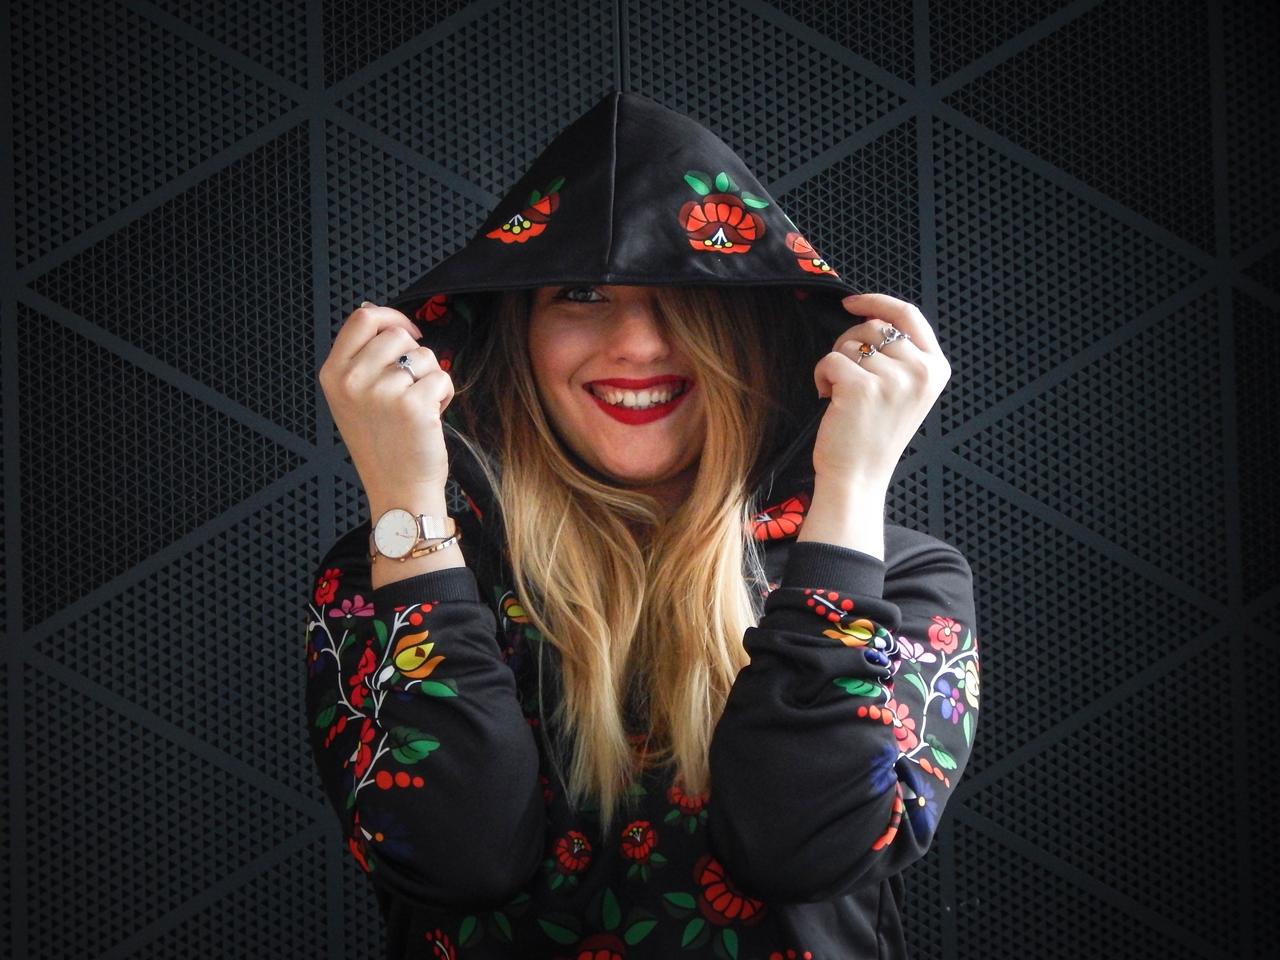 f1-2 folk by koko recenzja opinie ubrania folkowe łowickie motywy bluza góralska sukienka kodra łowicka folkowe ubrania moda ludowa pomysł na prezent fashion blog melodylaniella łódź dworzec łódź fabryczna